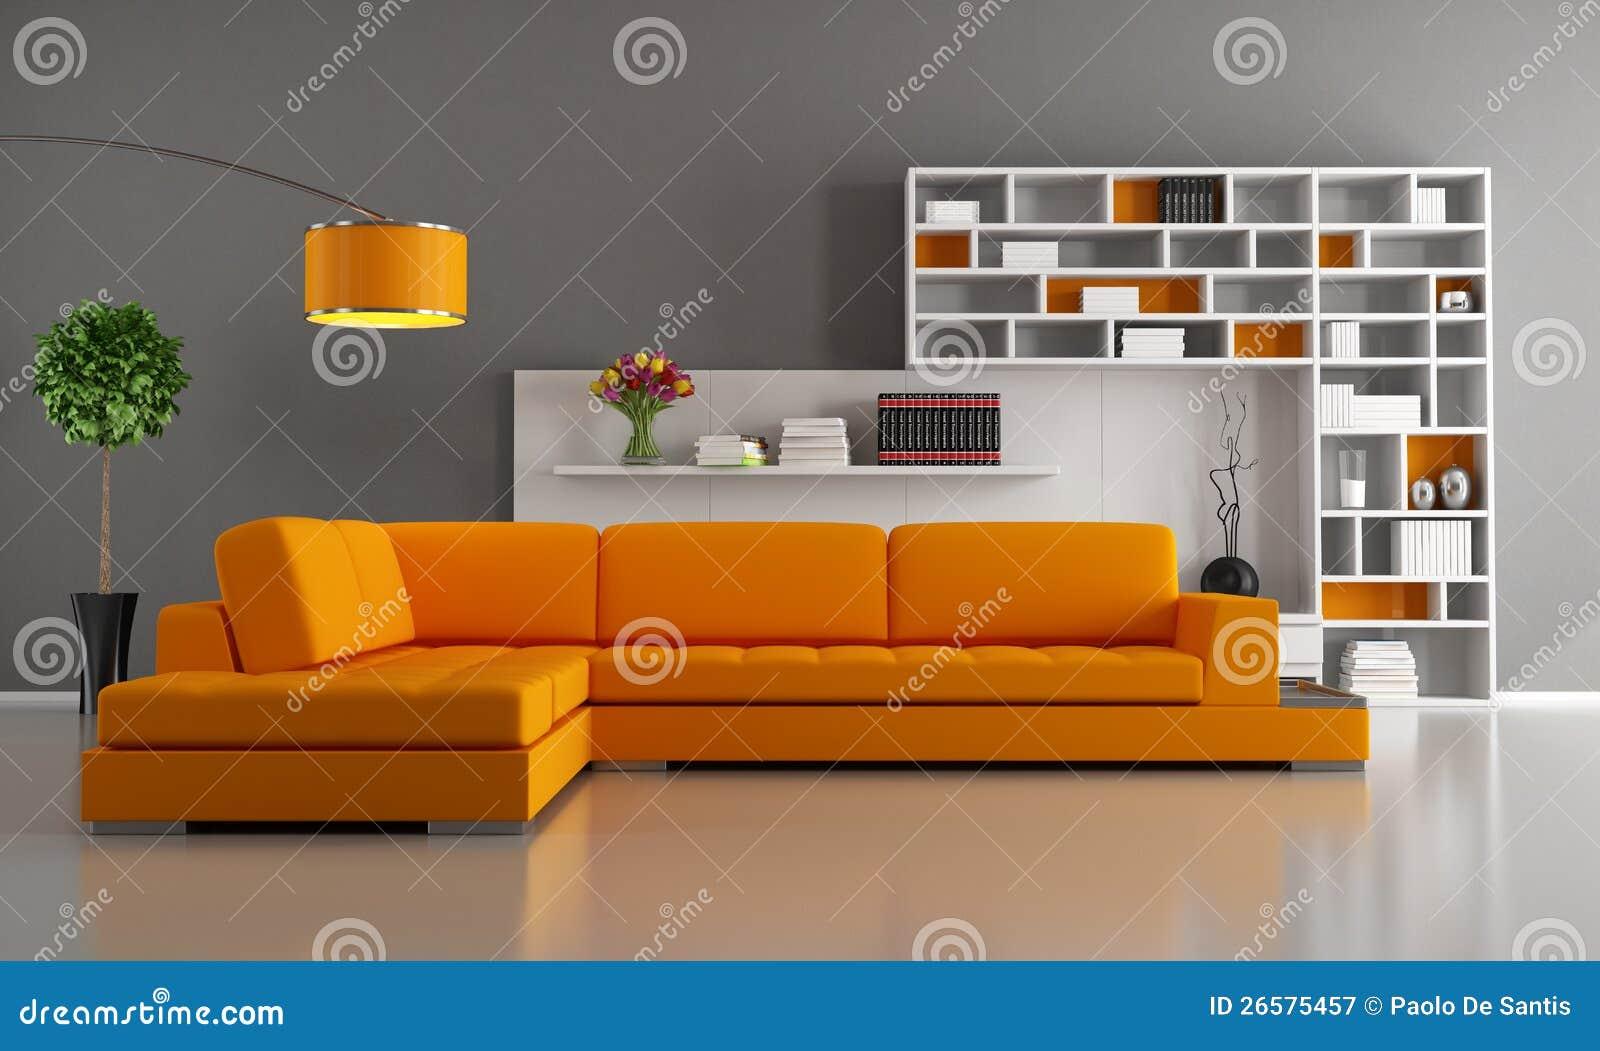 wohnzimmer orange braun:Orange and Grey Living Room Furniture